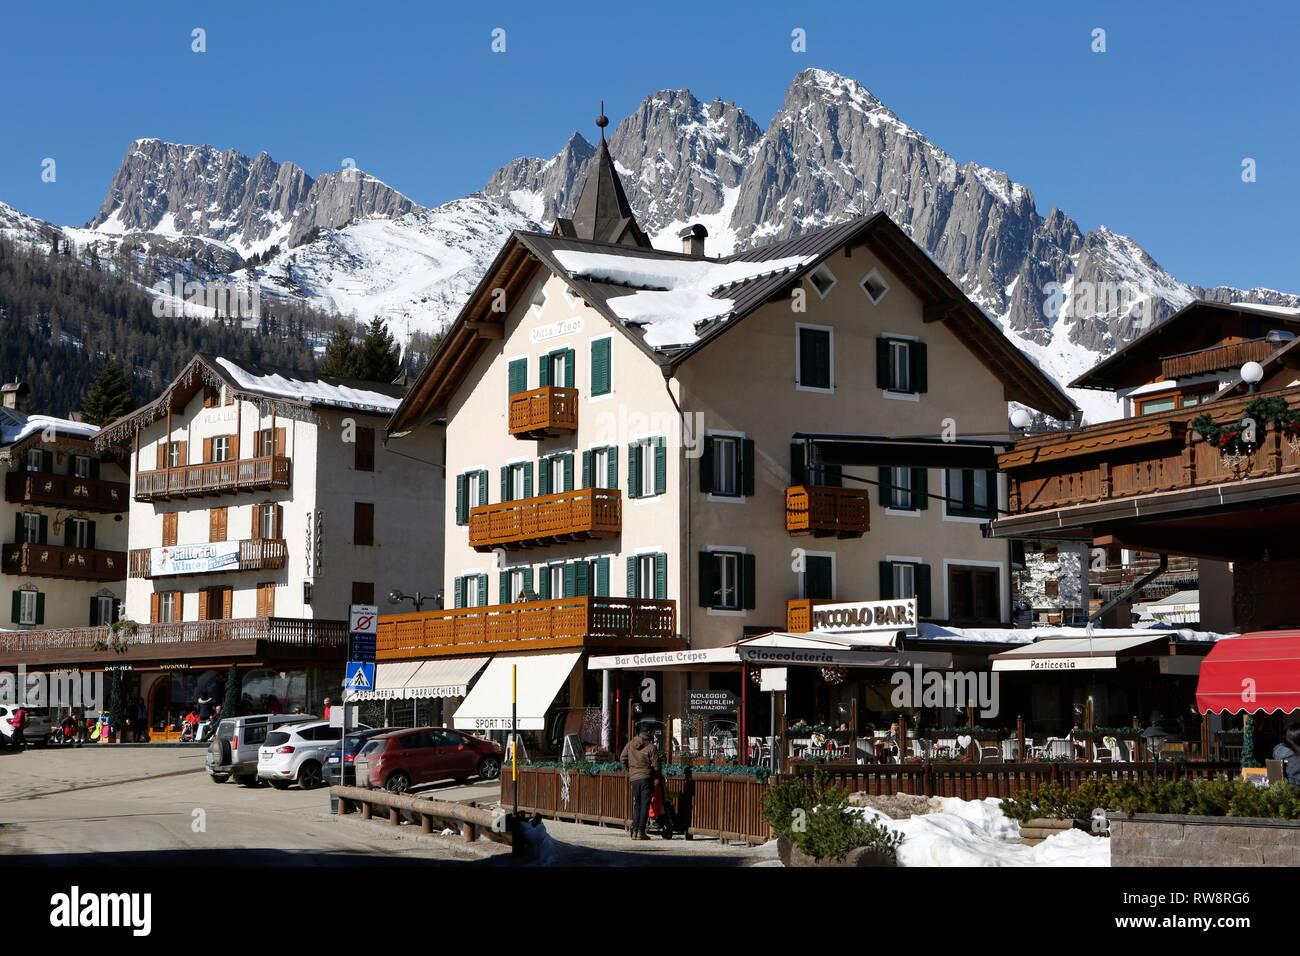 San Martino di Castrozza, Trentino, Italy, Europe Stock Photo